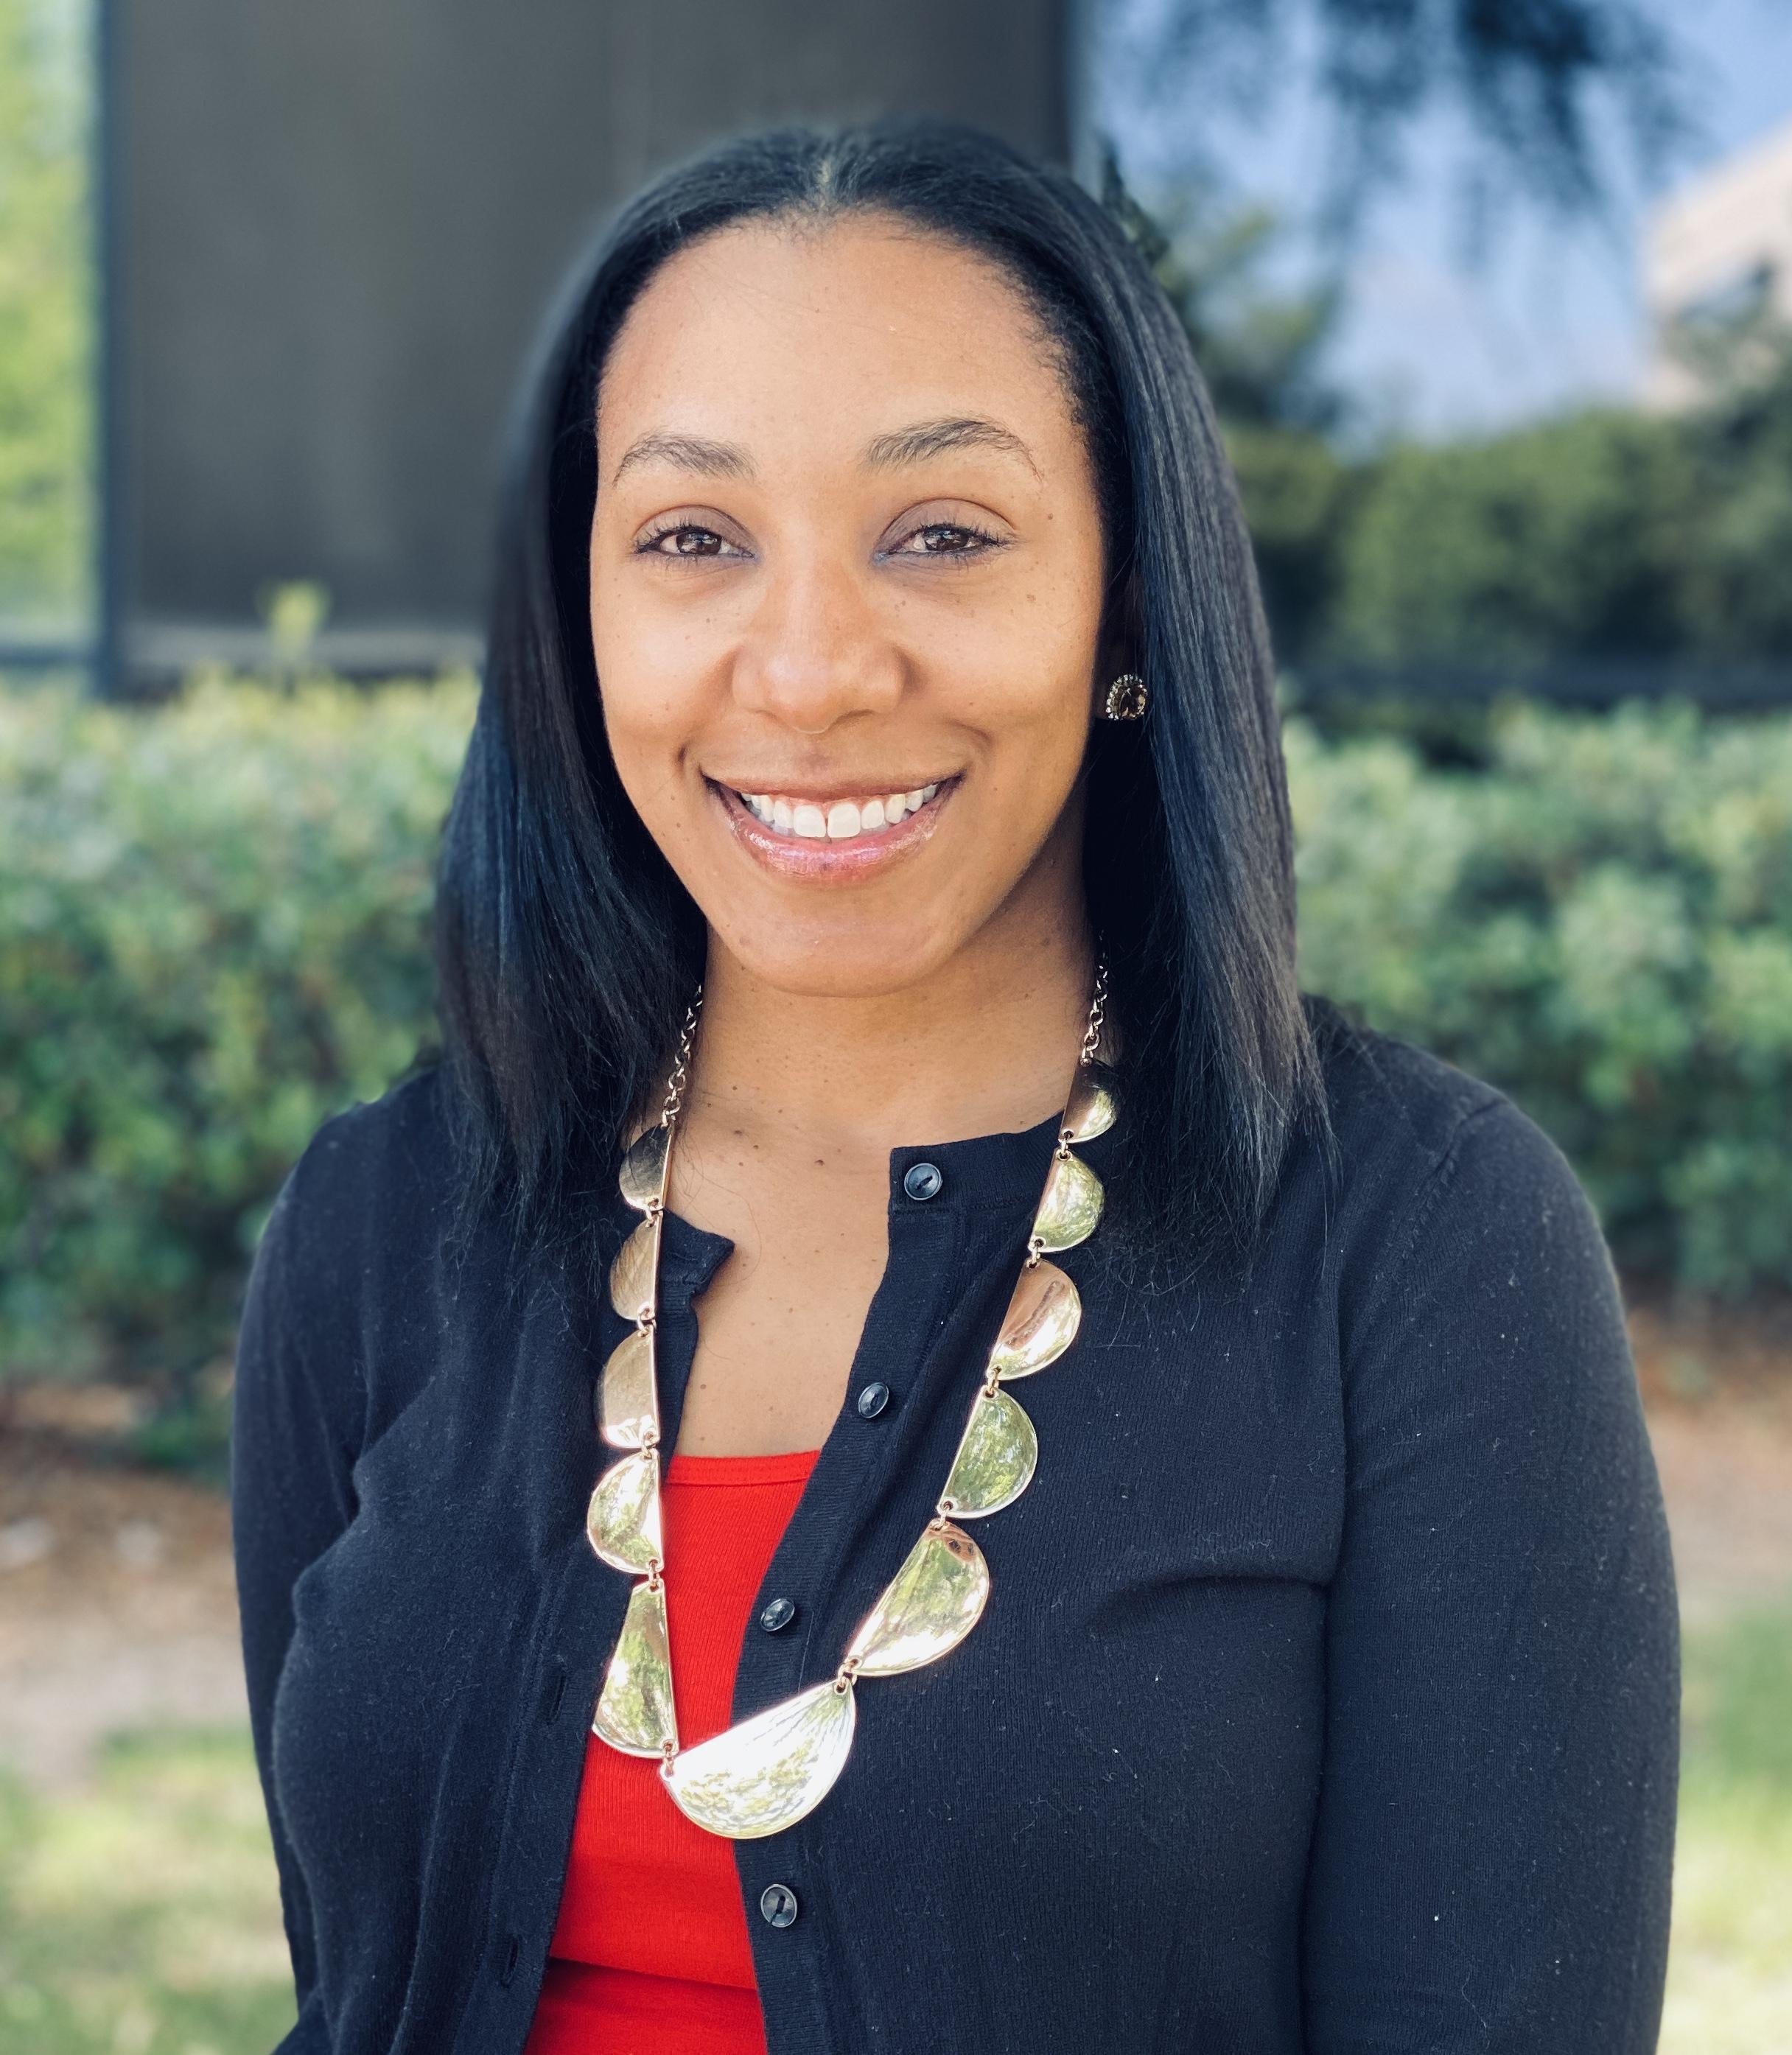 Brittany Austin-Cook, MS, LMFT - Therapist - Optimum Performance Institute